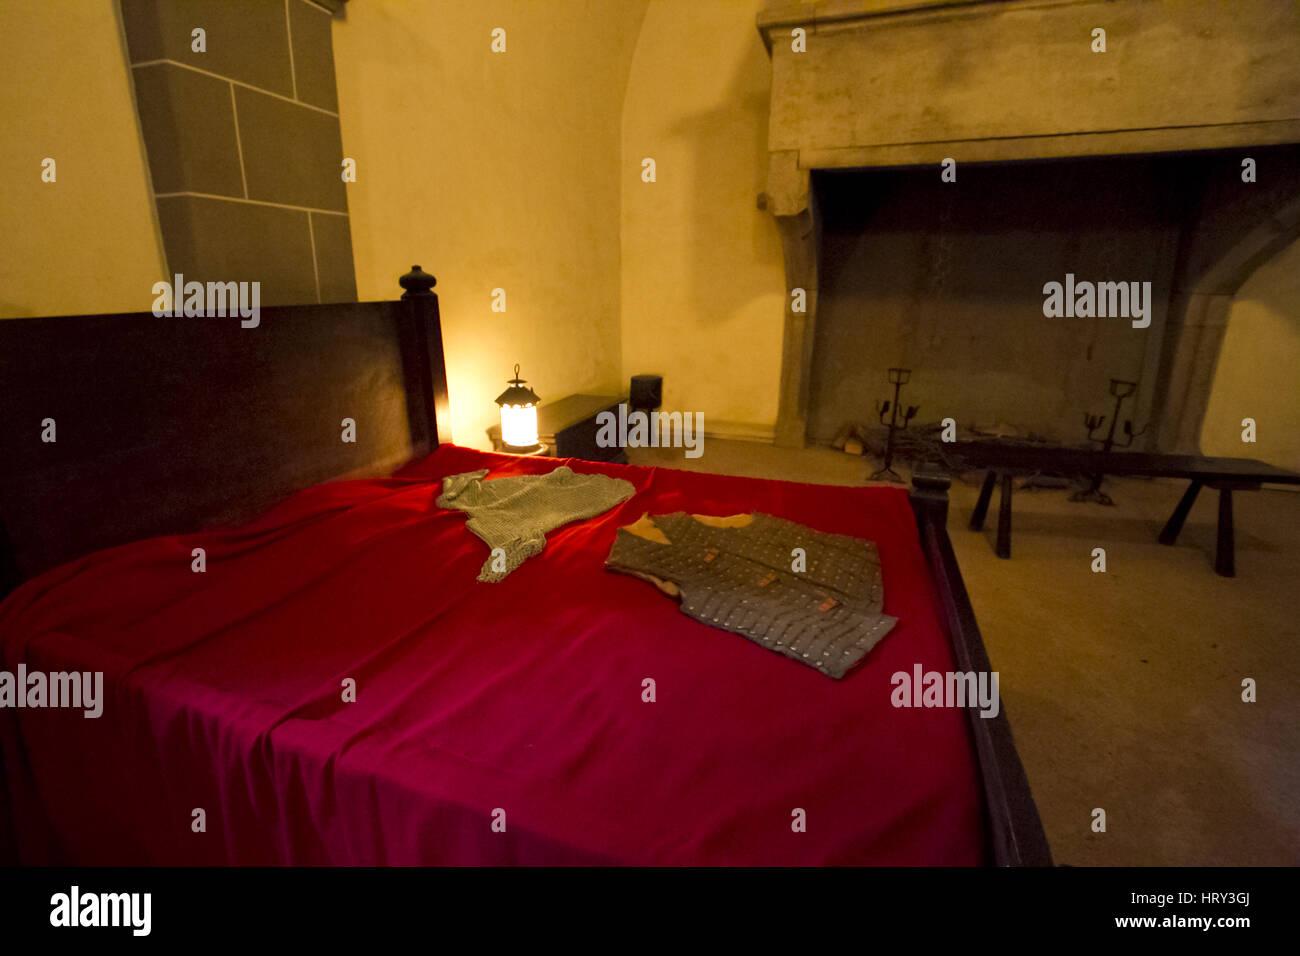 Camere Da Letto Medievali : Camera da letto militare medievale bedroom medieval military